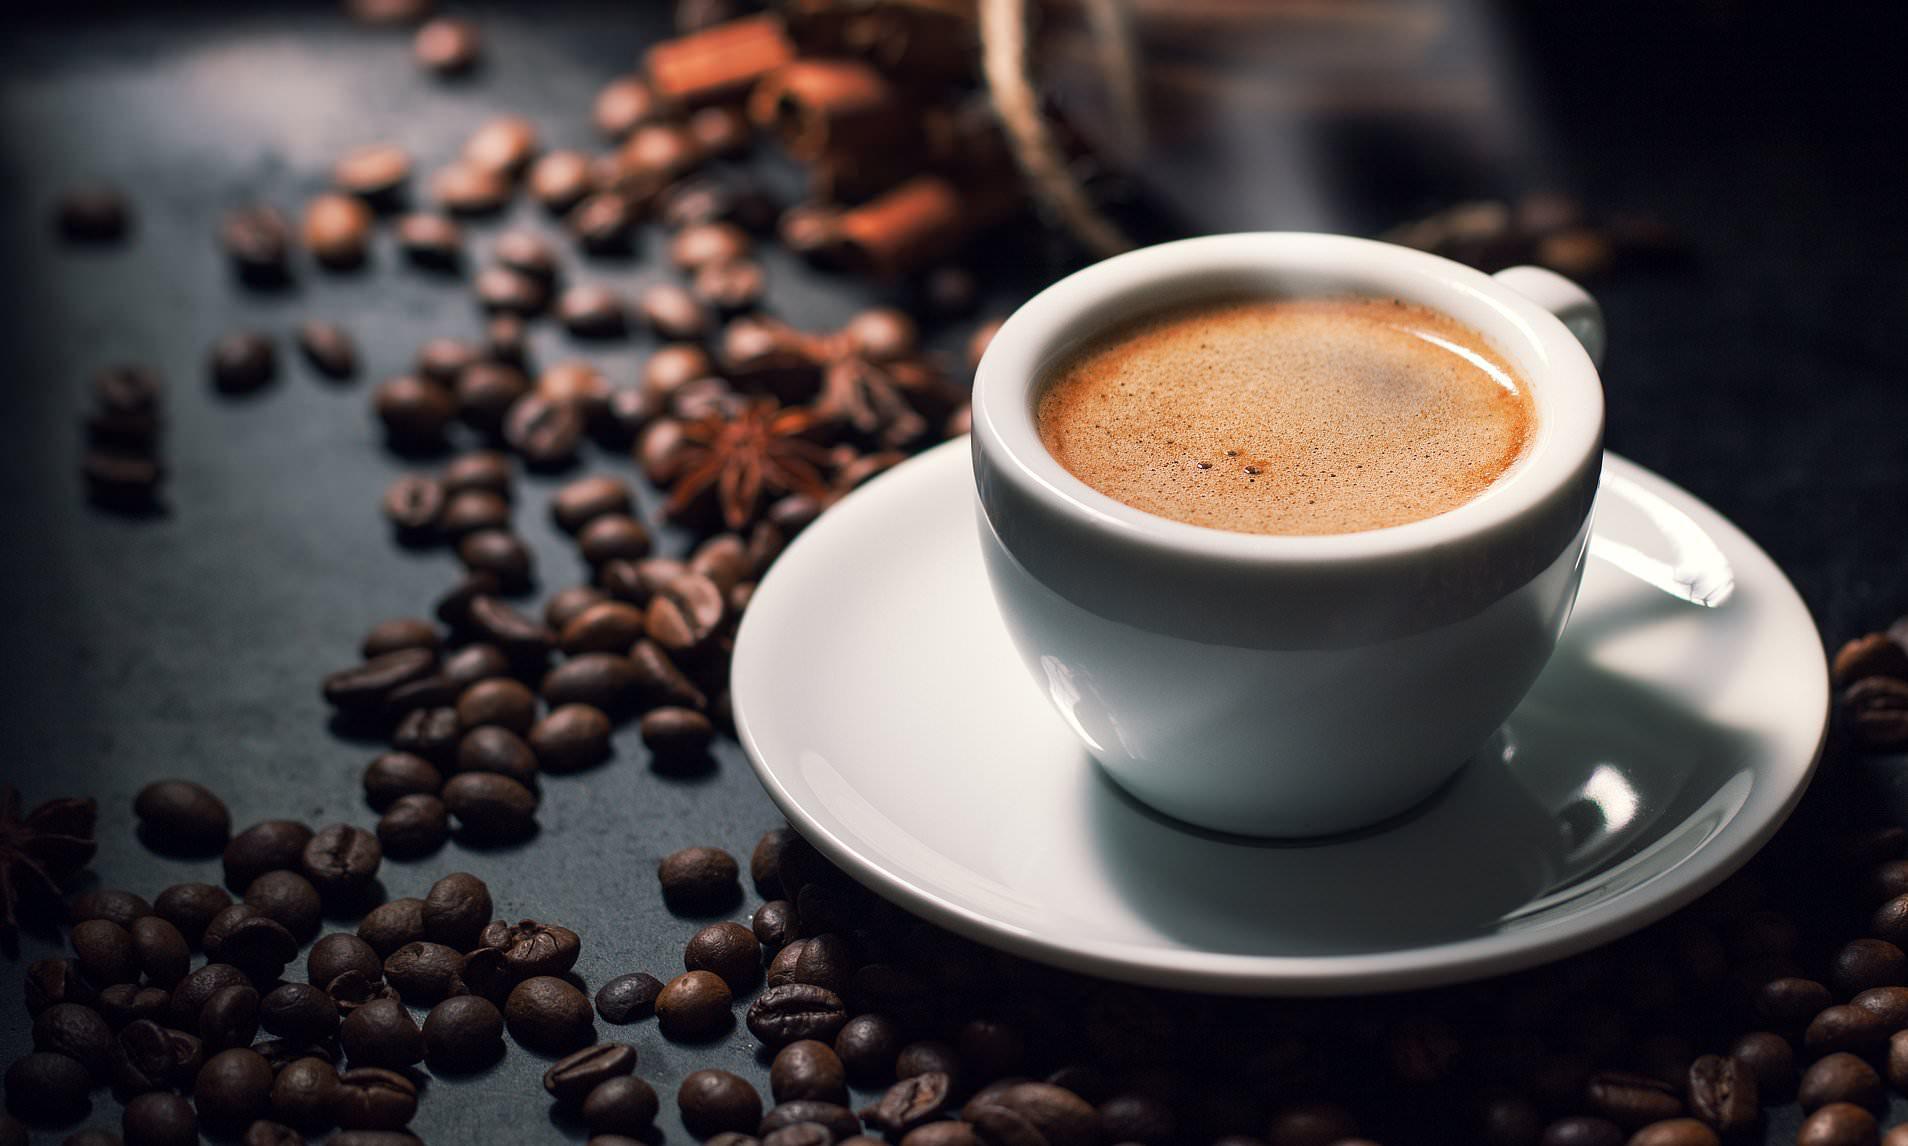 cà phê chồn hiện chủ yếu được rang trong nhiệt độ lửa vừa phải, vừa đảm bảo chín vừa không phá vỡ cấu trúc phức tạp của hạt